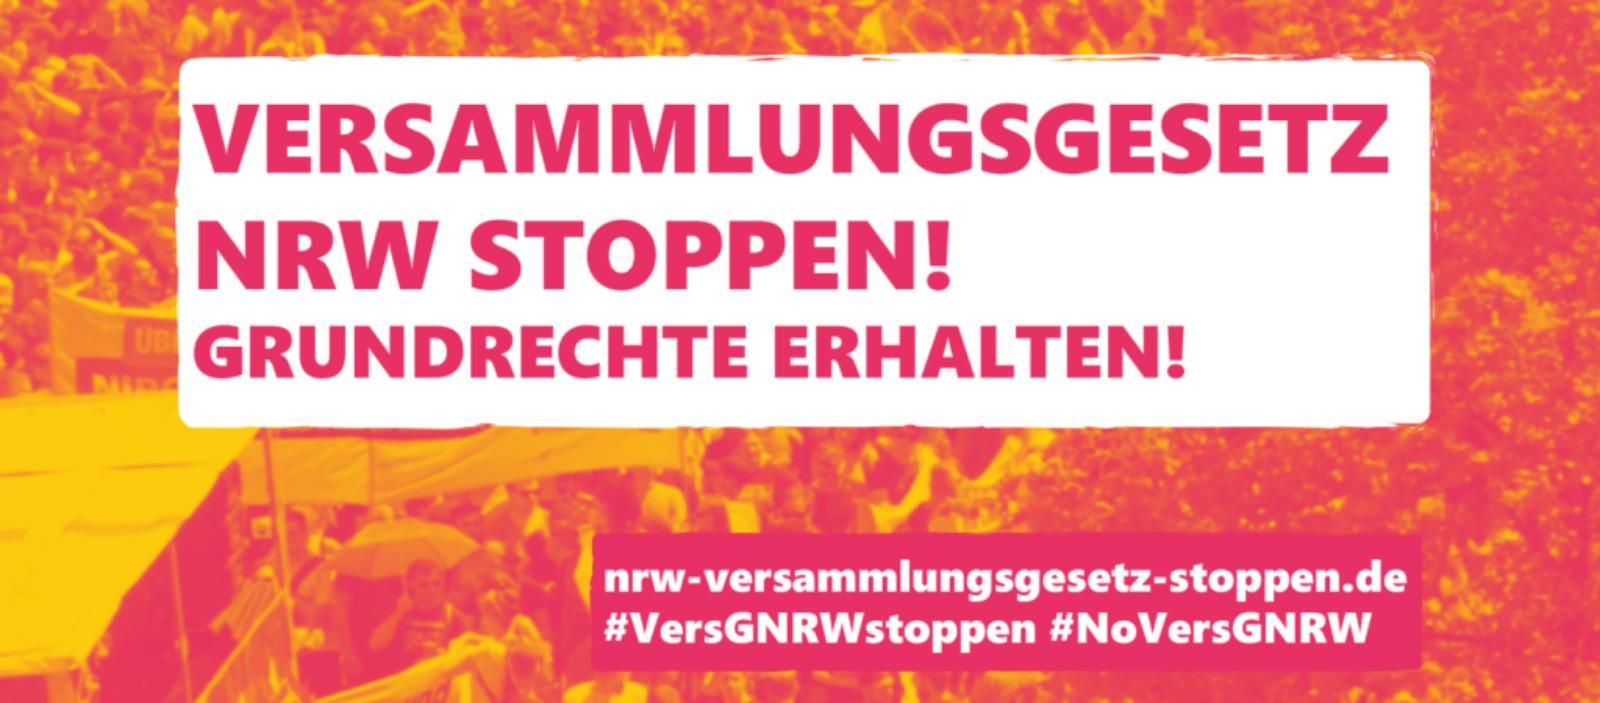 Versammlungsgesetz NRW stoppen!